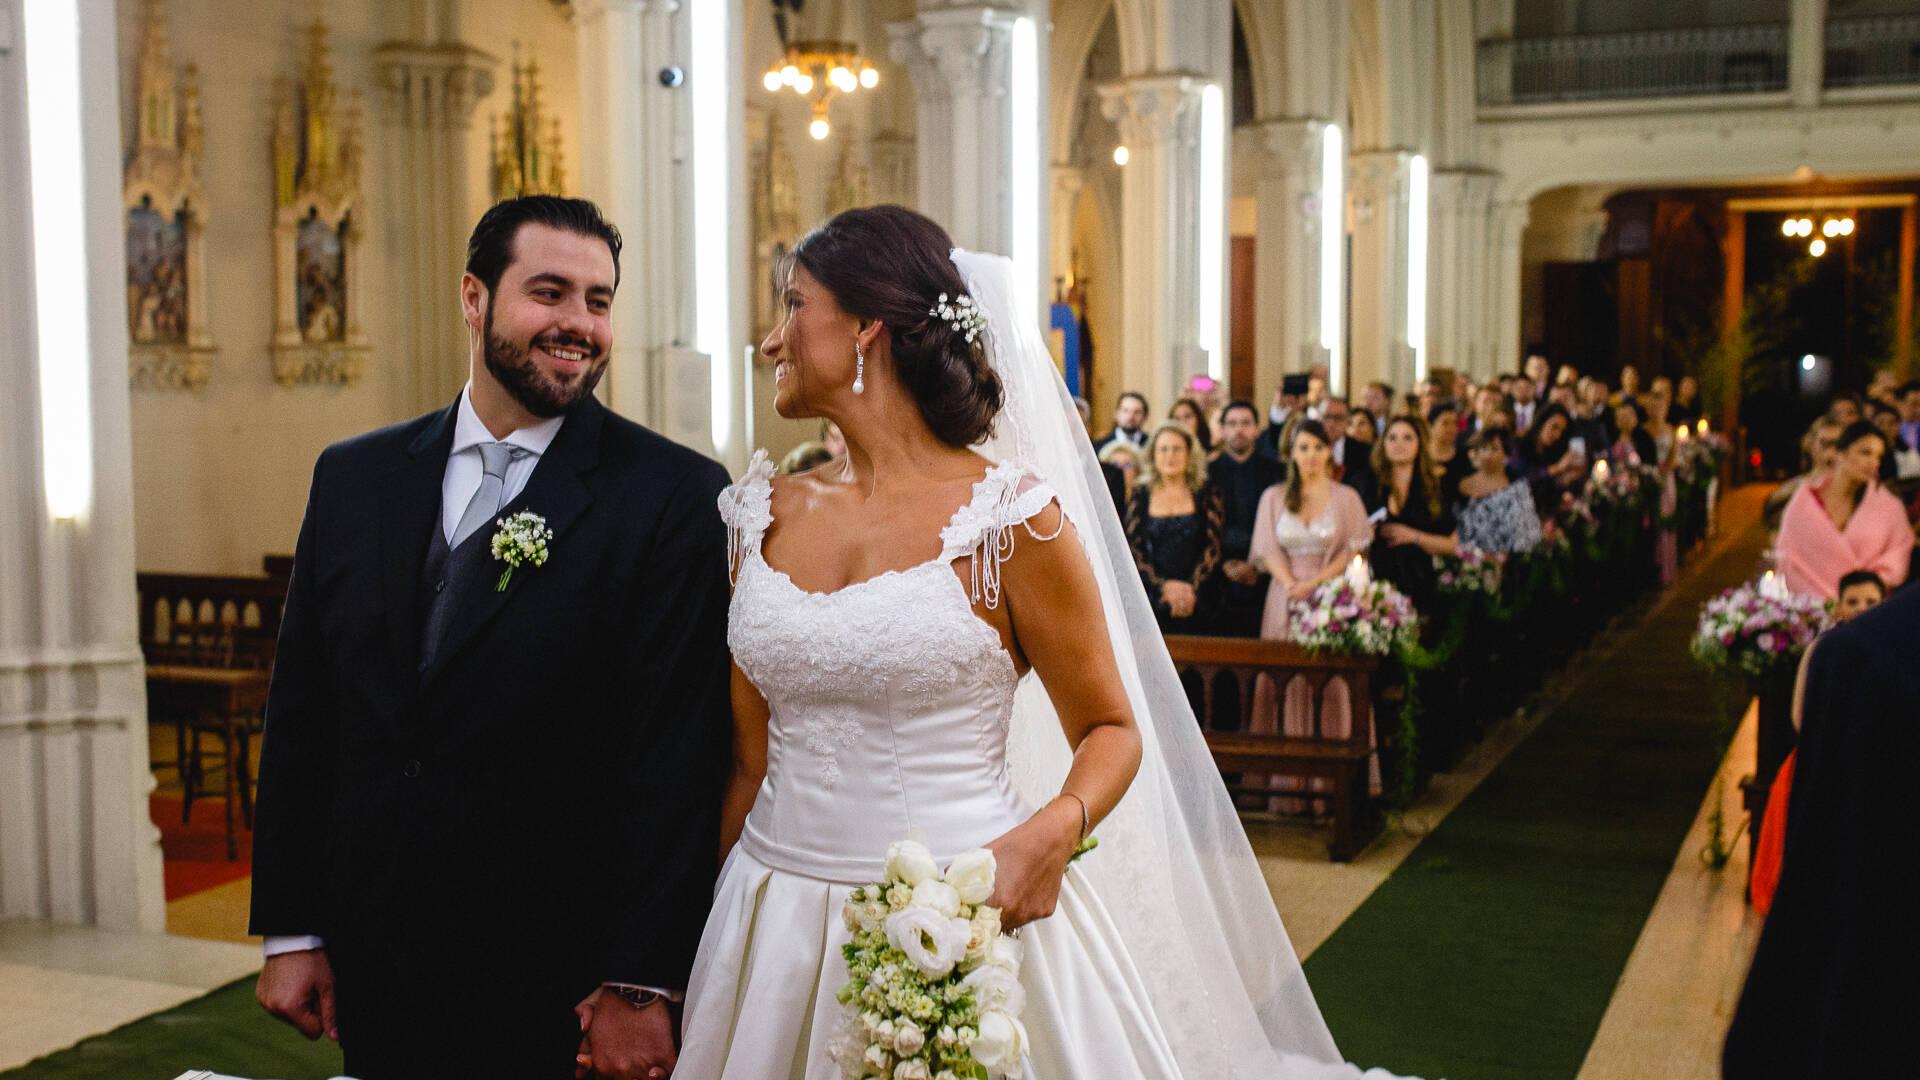 Aislã e Marcos de Casamento